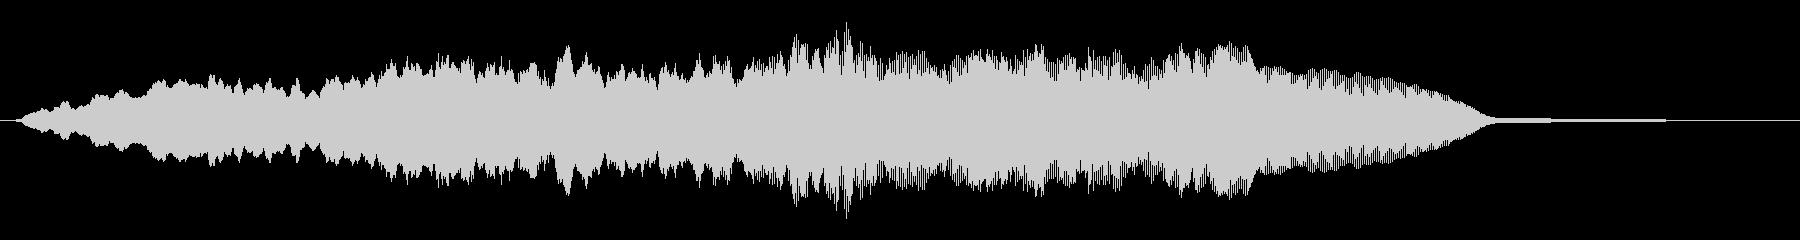 パッド レゾナンスフィフス02の未再生の波形